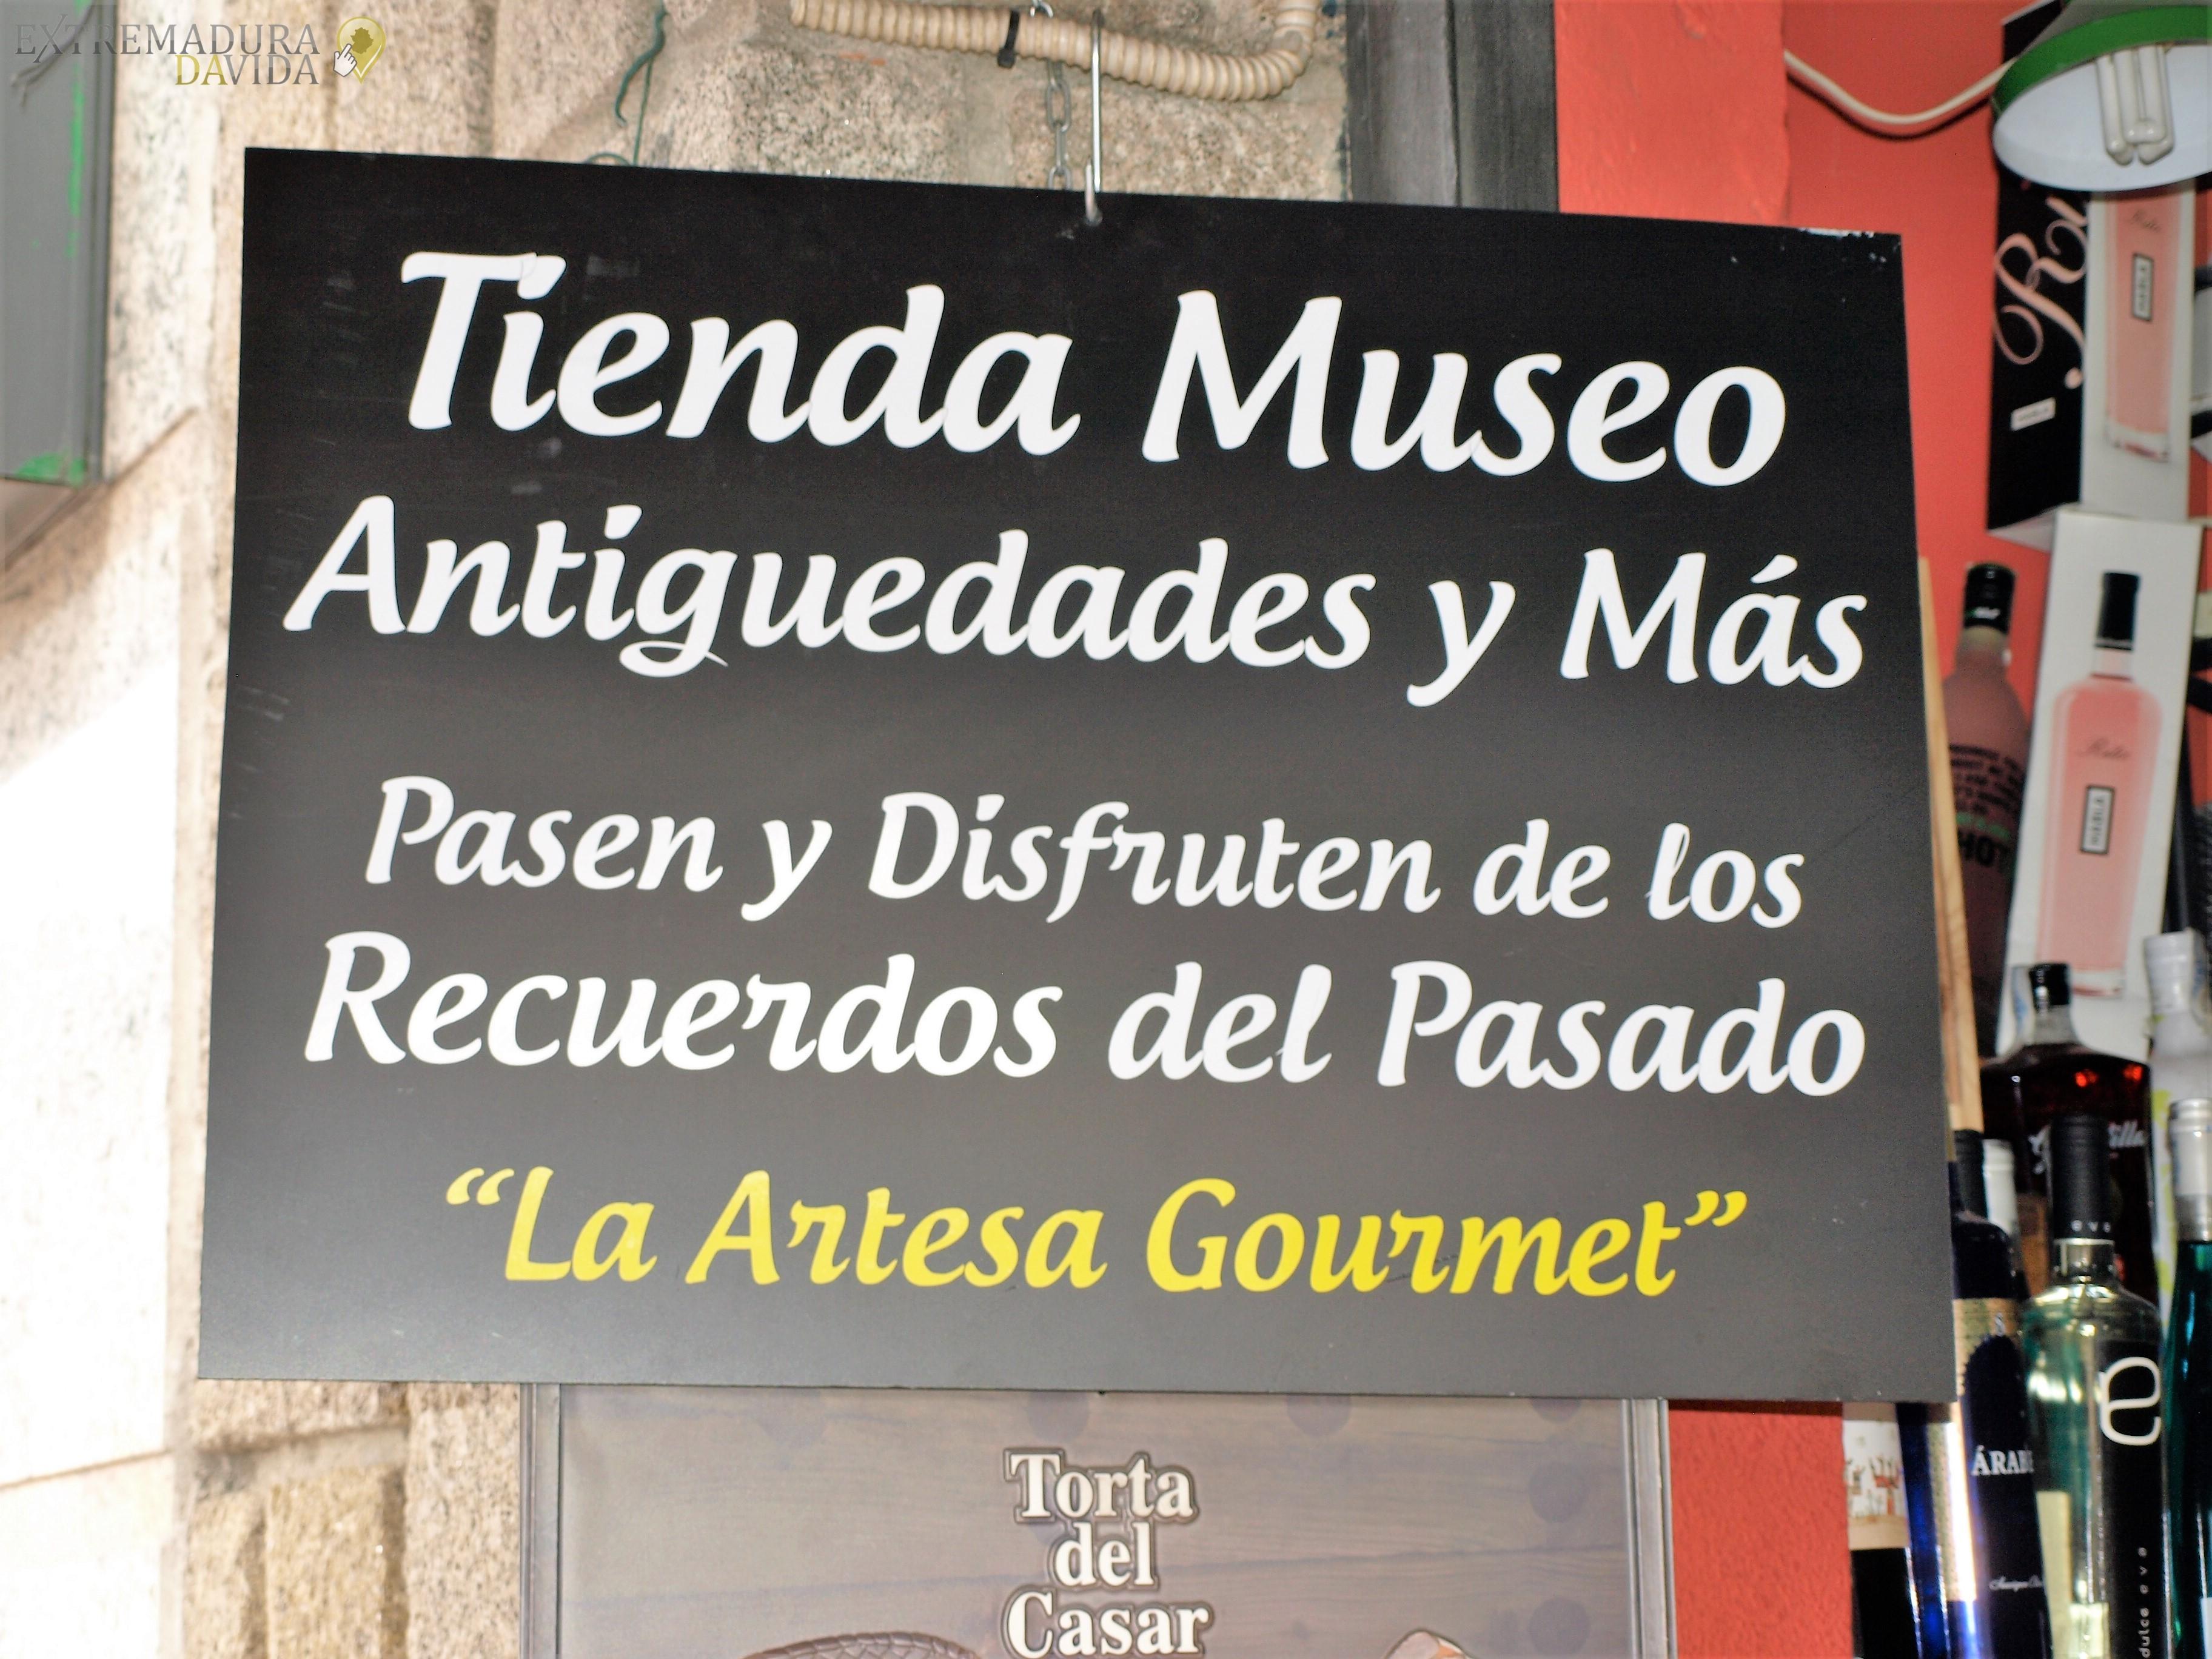 La Artesa Gourmet